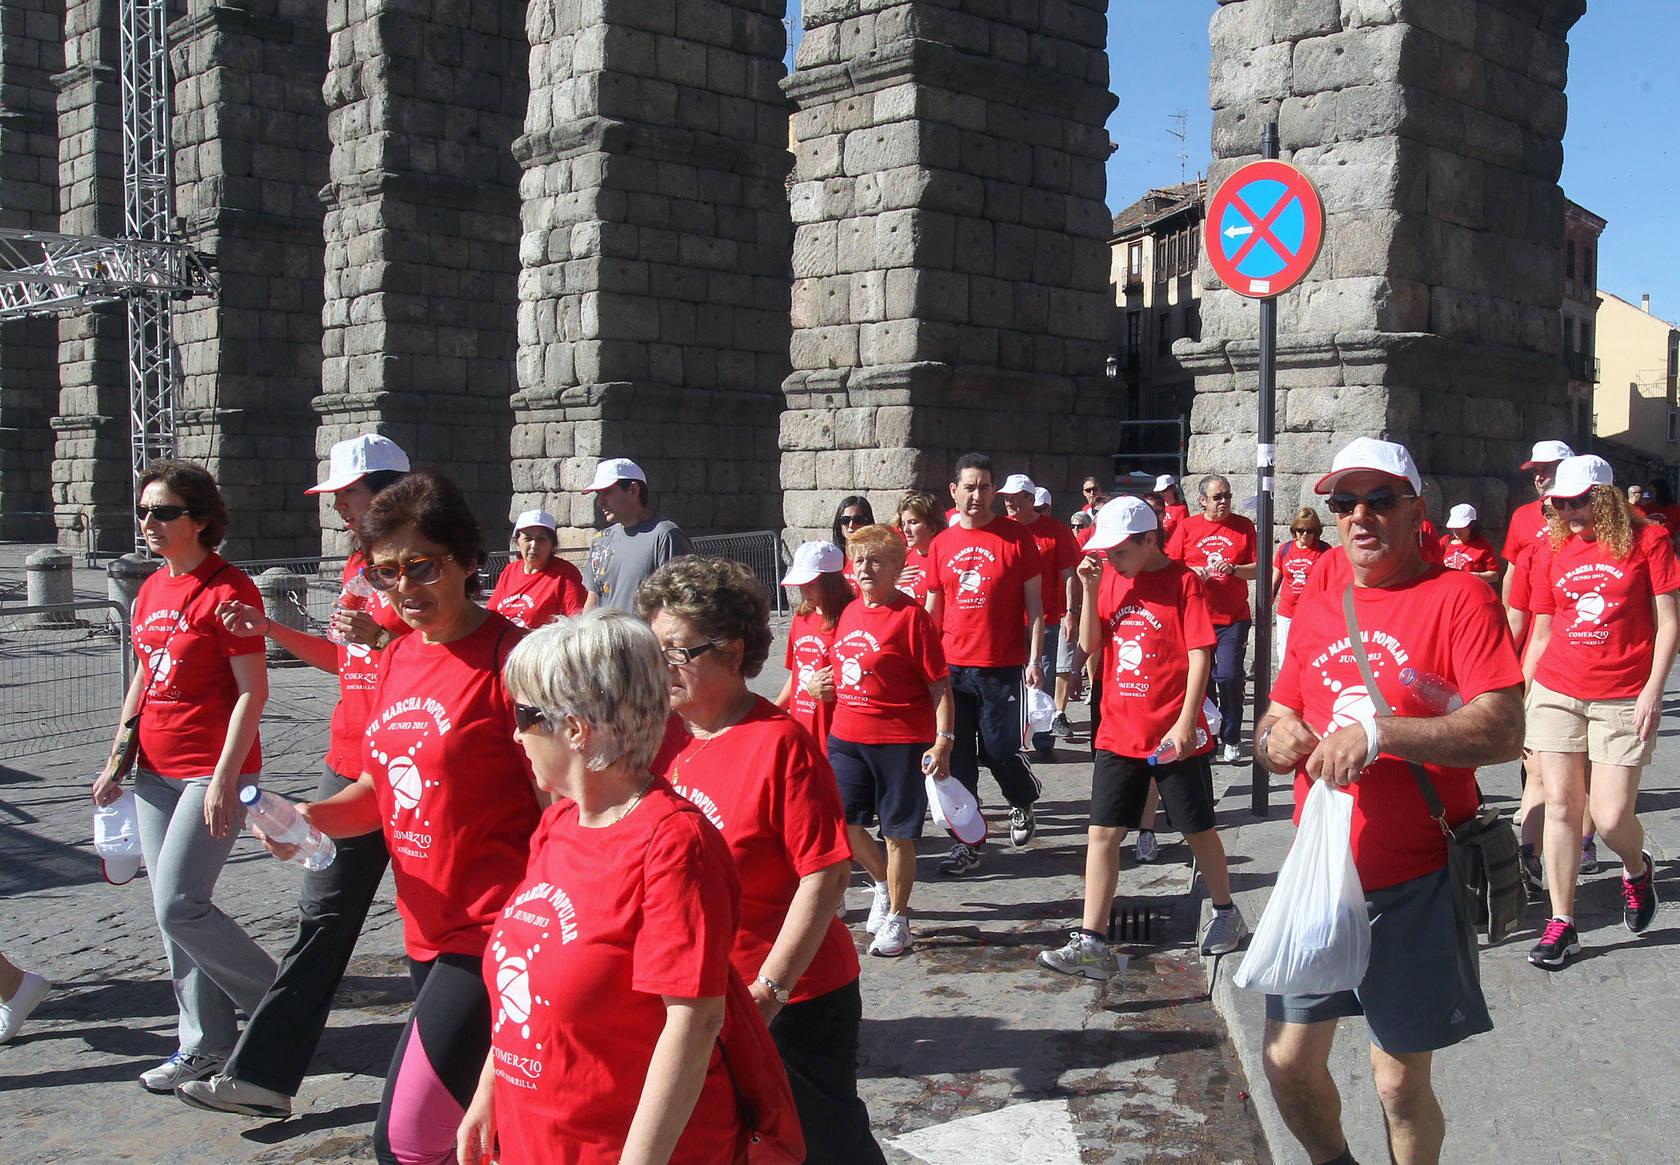 VII Marcha contra el párkinson organizada por la Asociación Comerzio José Zorrilla